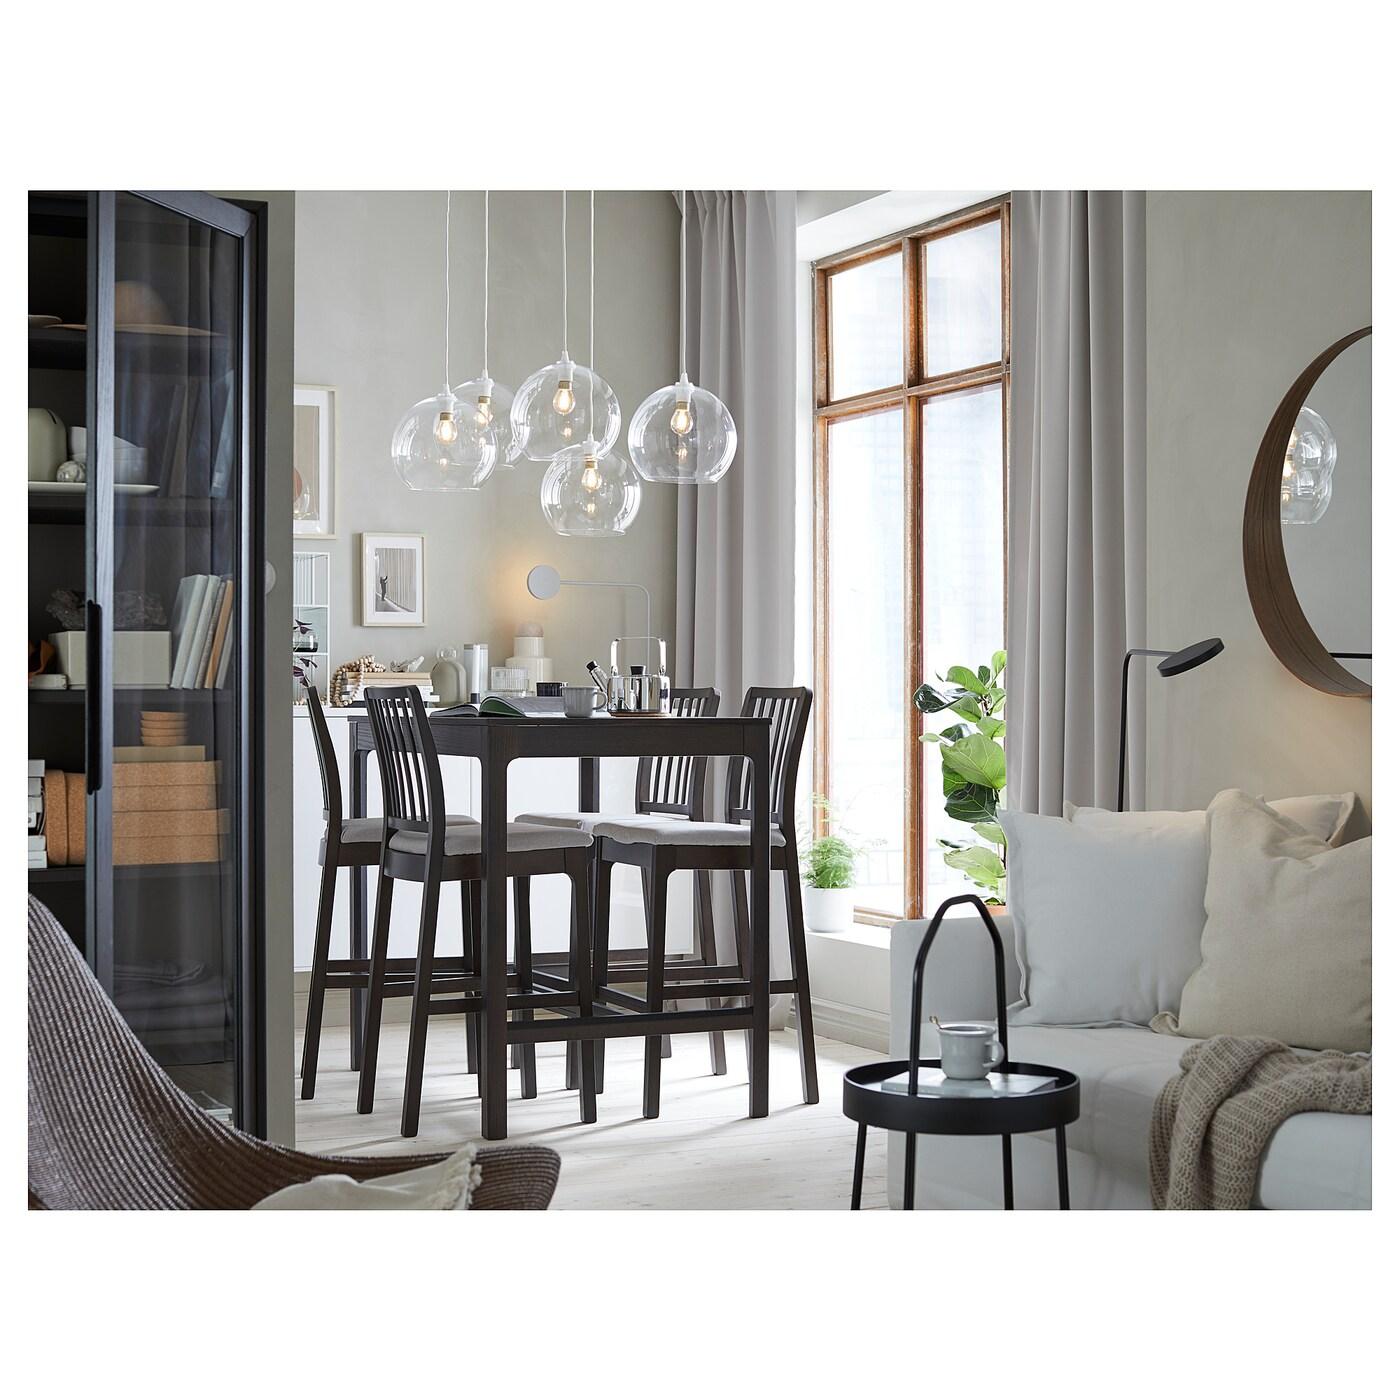 EKEDALEN Sgabello bar con schienale marrone scuro, Orrsta grigio chiaro 75 cm